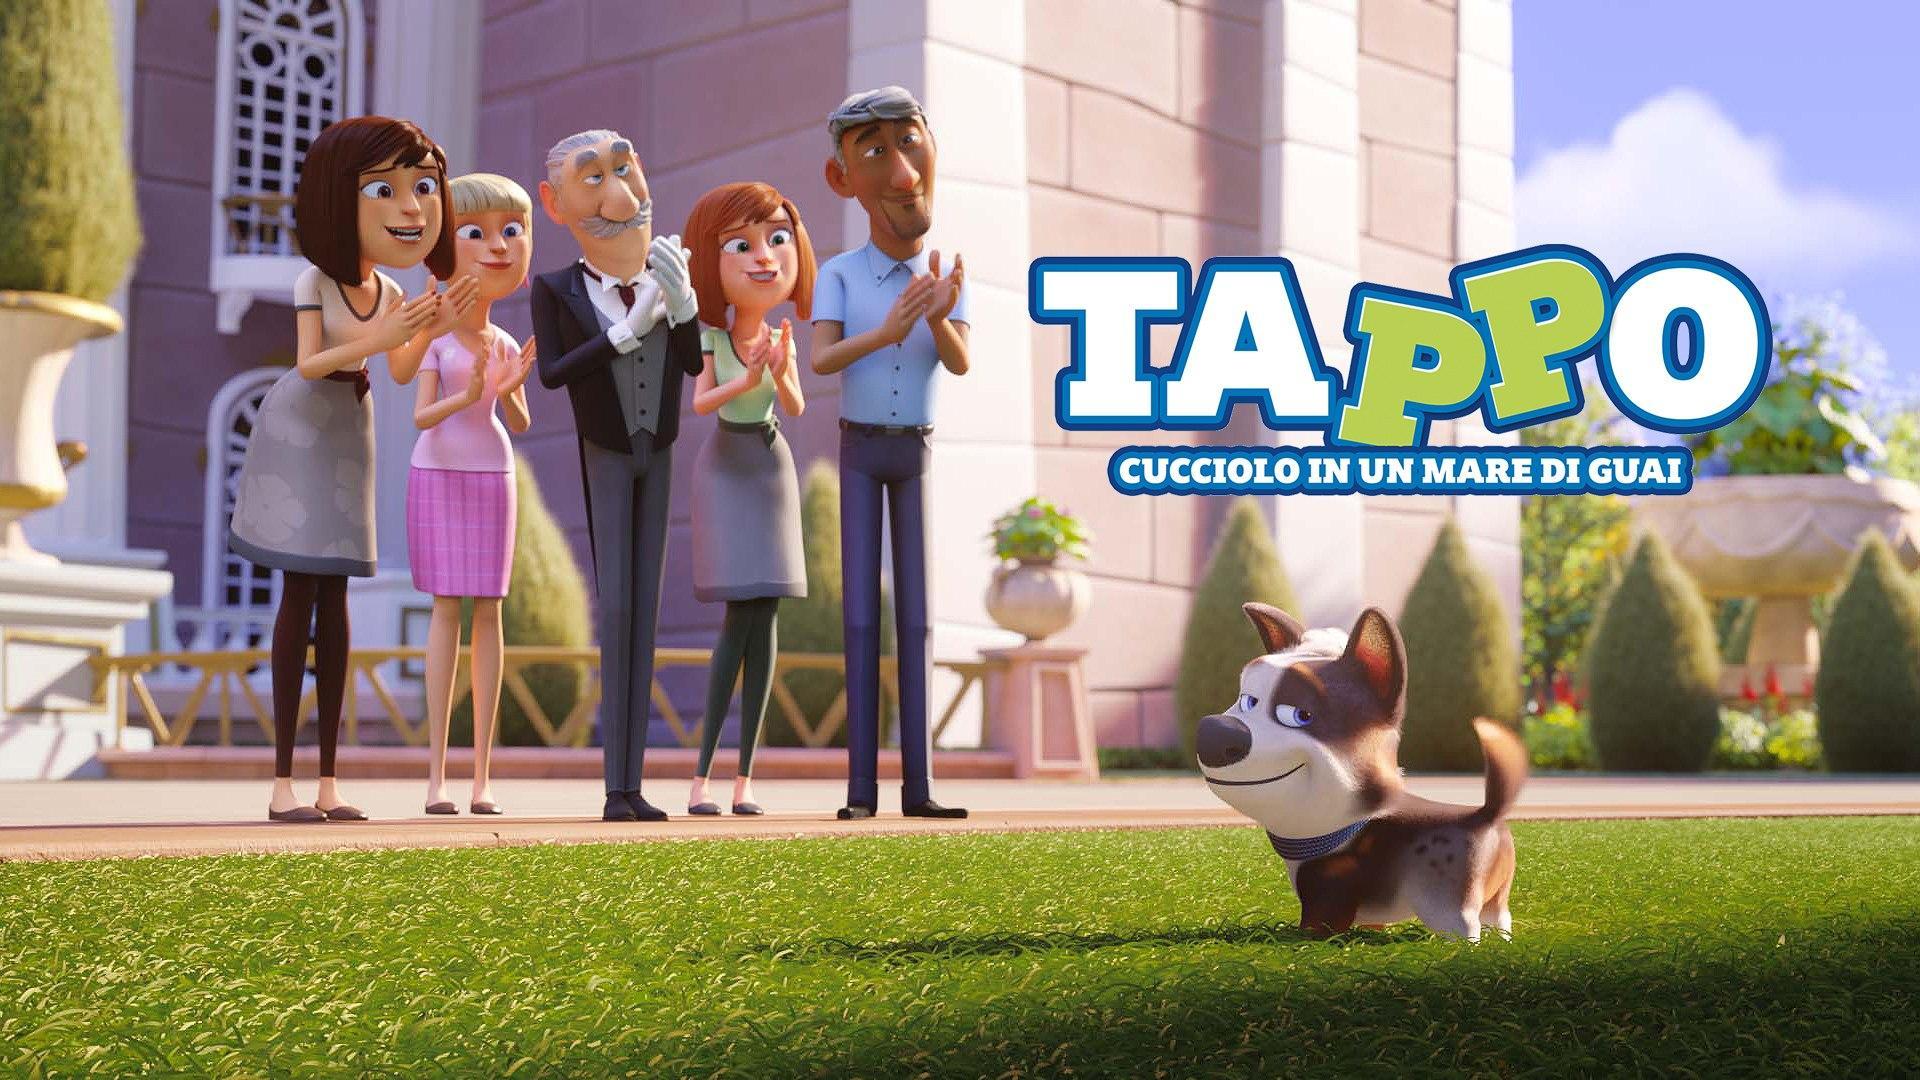 Domenica 13 Settembre 2020 Sky Cinema HD, Tappo